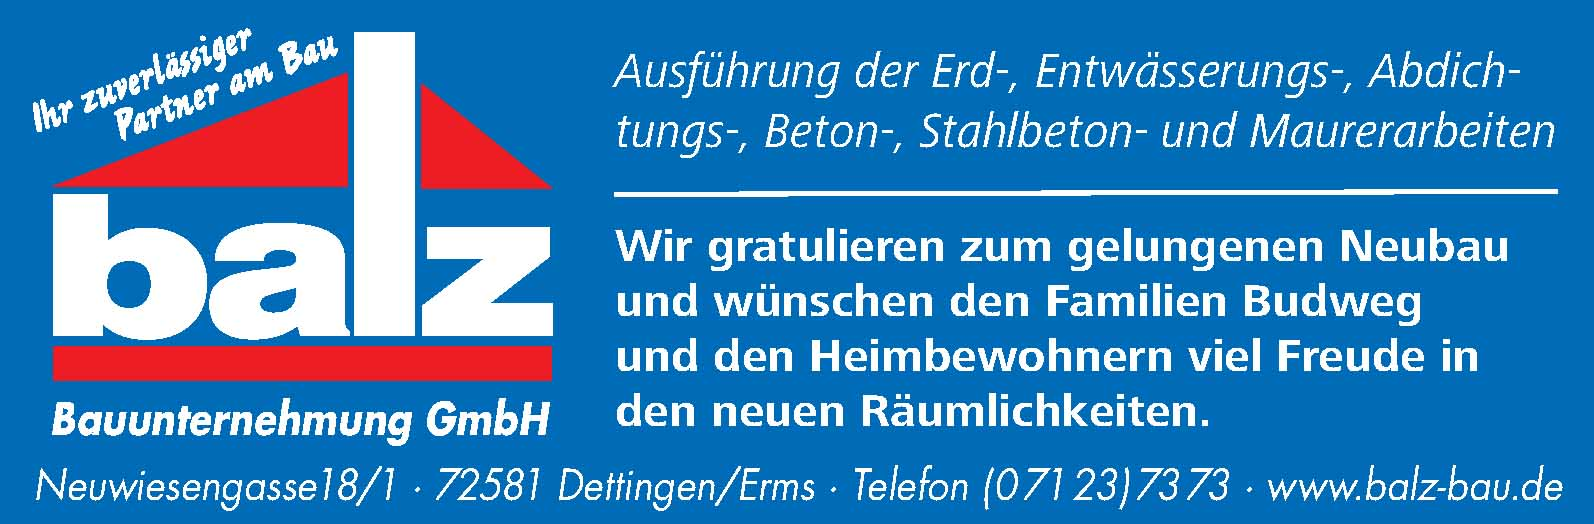 Balz Bauunternehmung GmbH